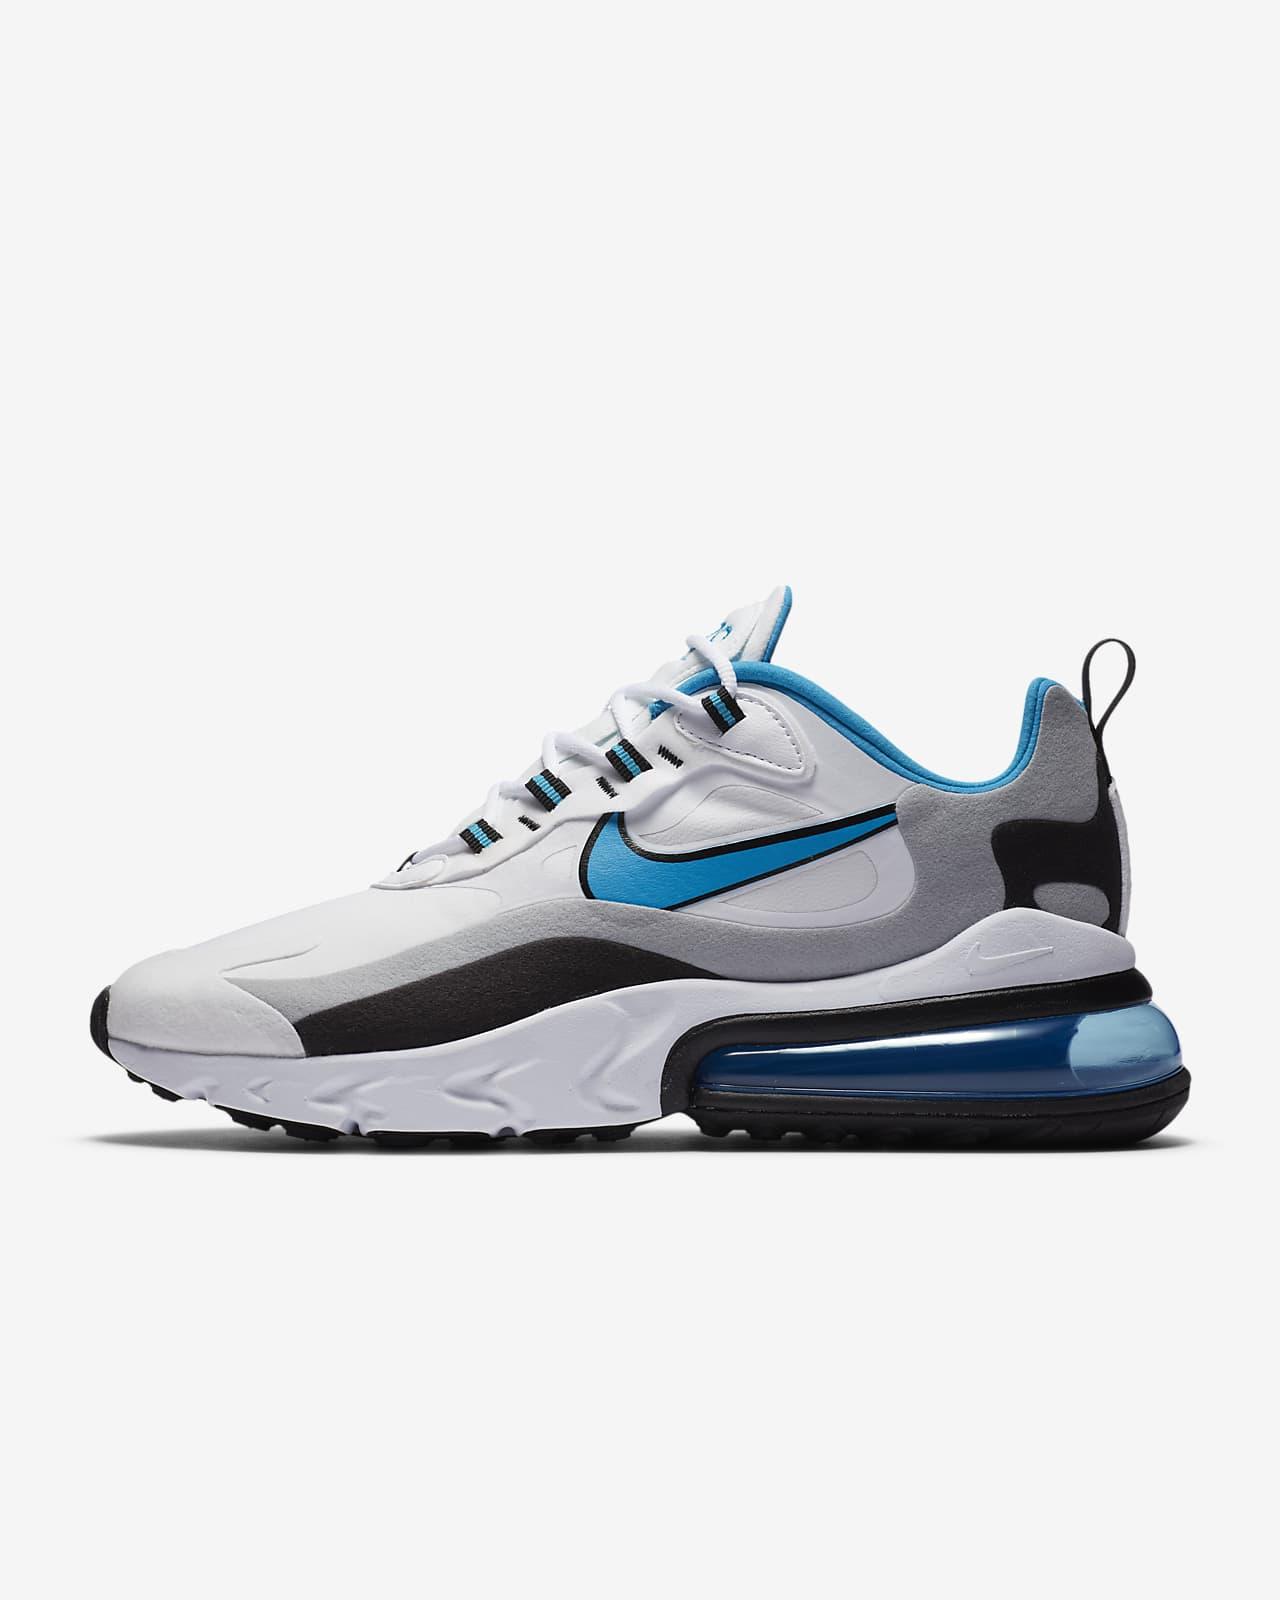 air max 270 bleu or